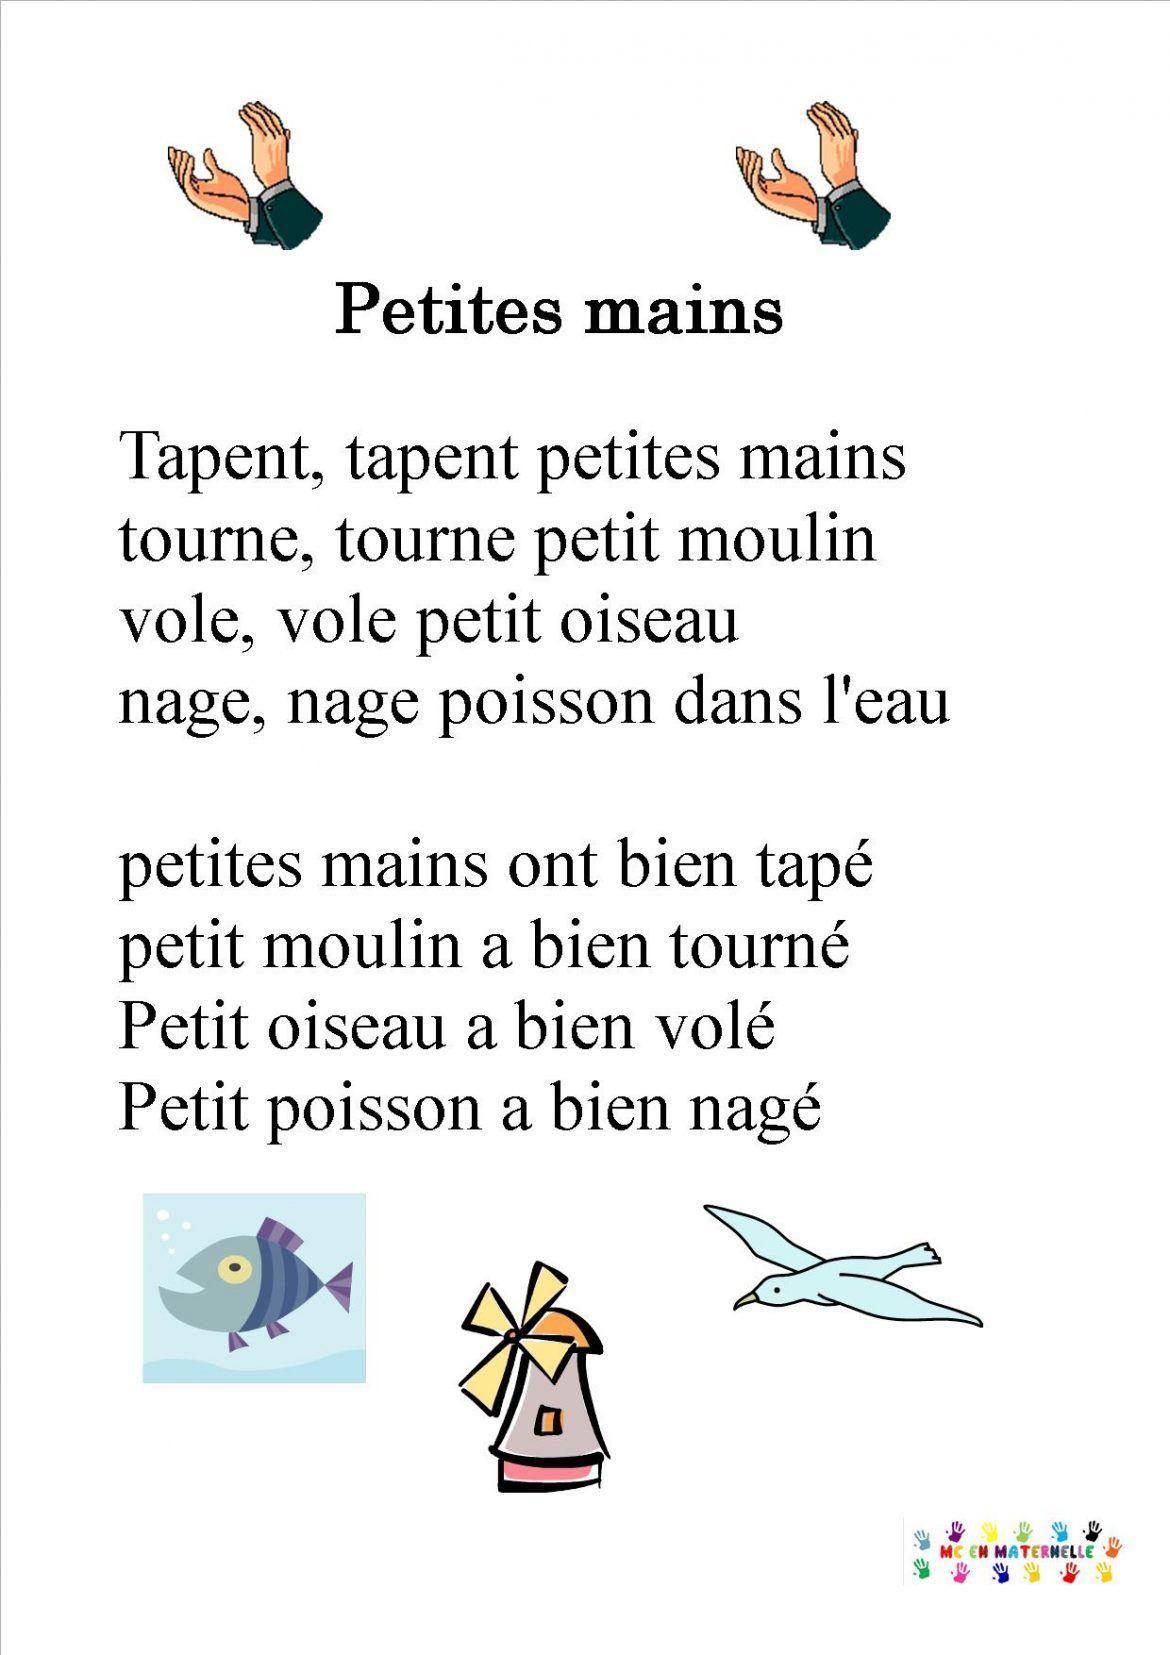 Résultats De Recherche D'images Pour « Tape Tape Petites pour Petit Moulin Chanson